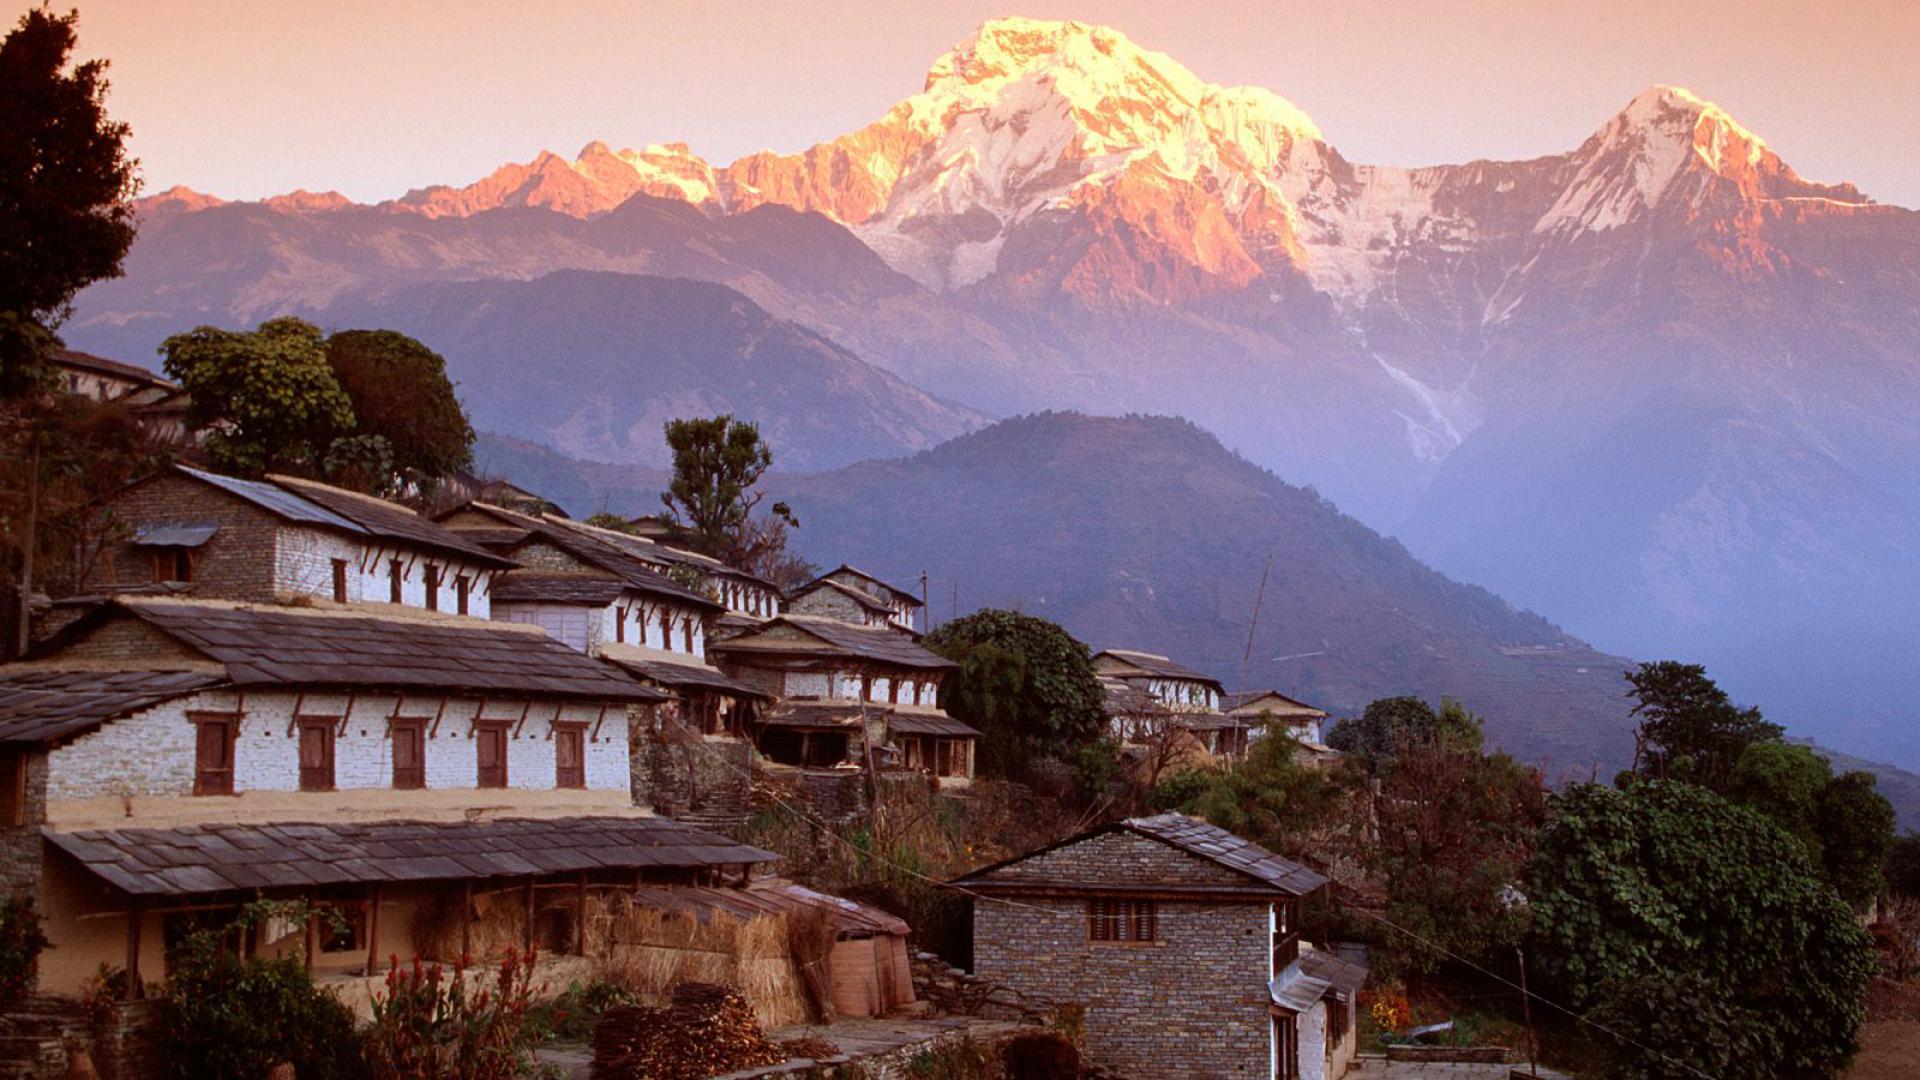 Красивые и интересные фото Непала - подборка 15 картинок 10